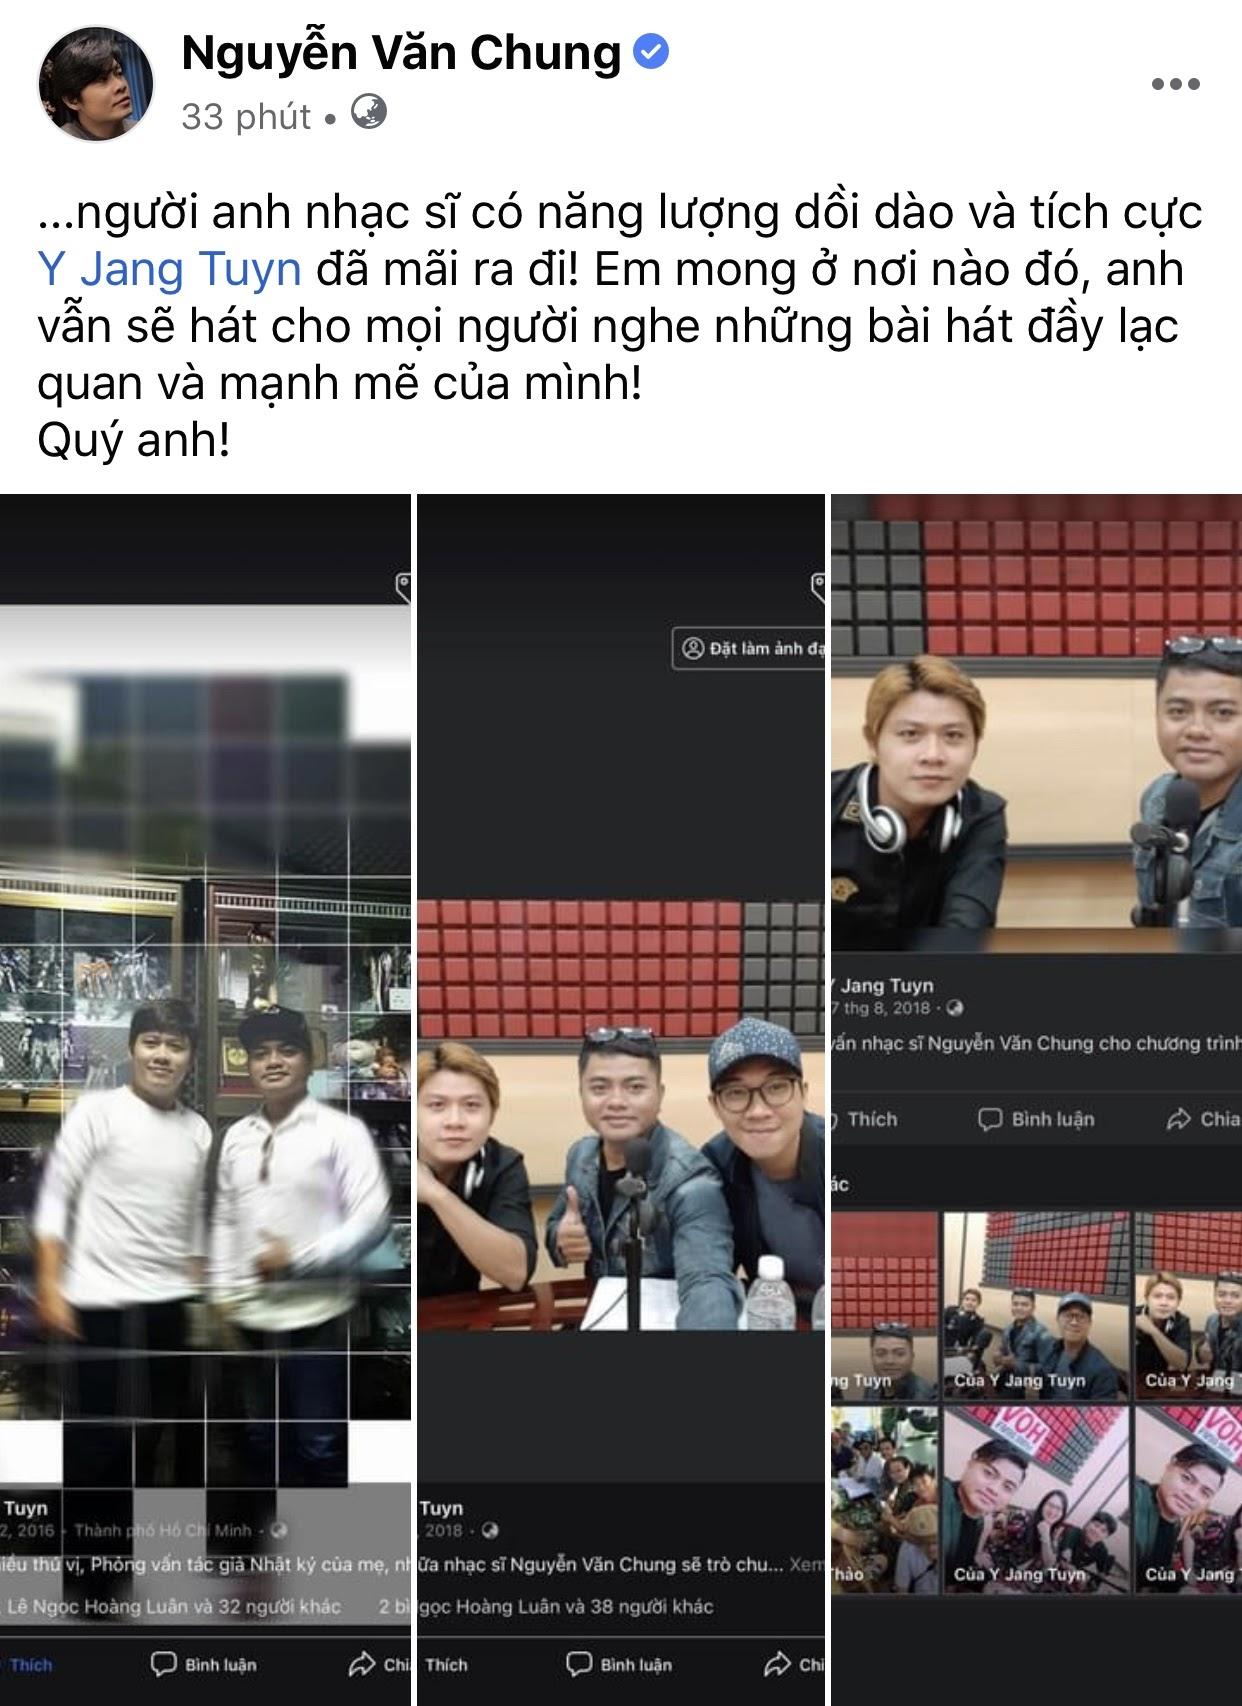 Tin buồn: Ca sĩ Y Jang Tuyn qua đời vì Covid-19, vợ và 2 con từng là F0 - Ảnh 6.